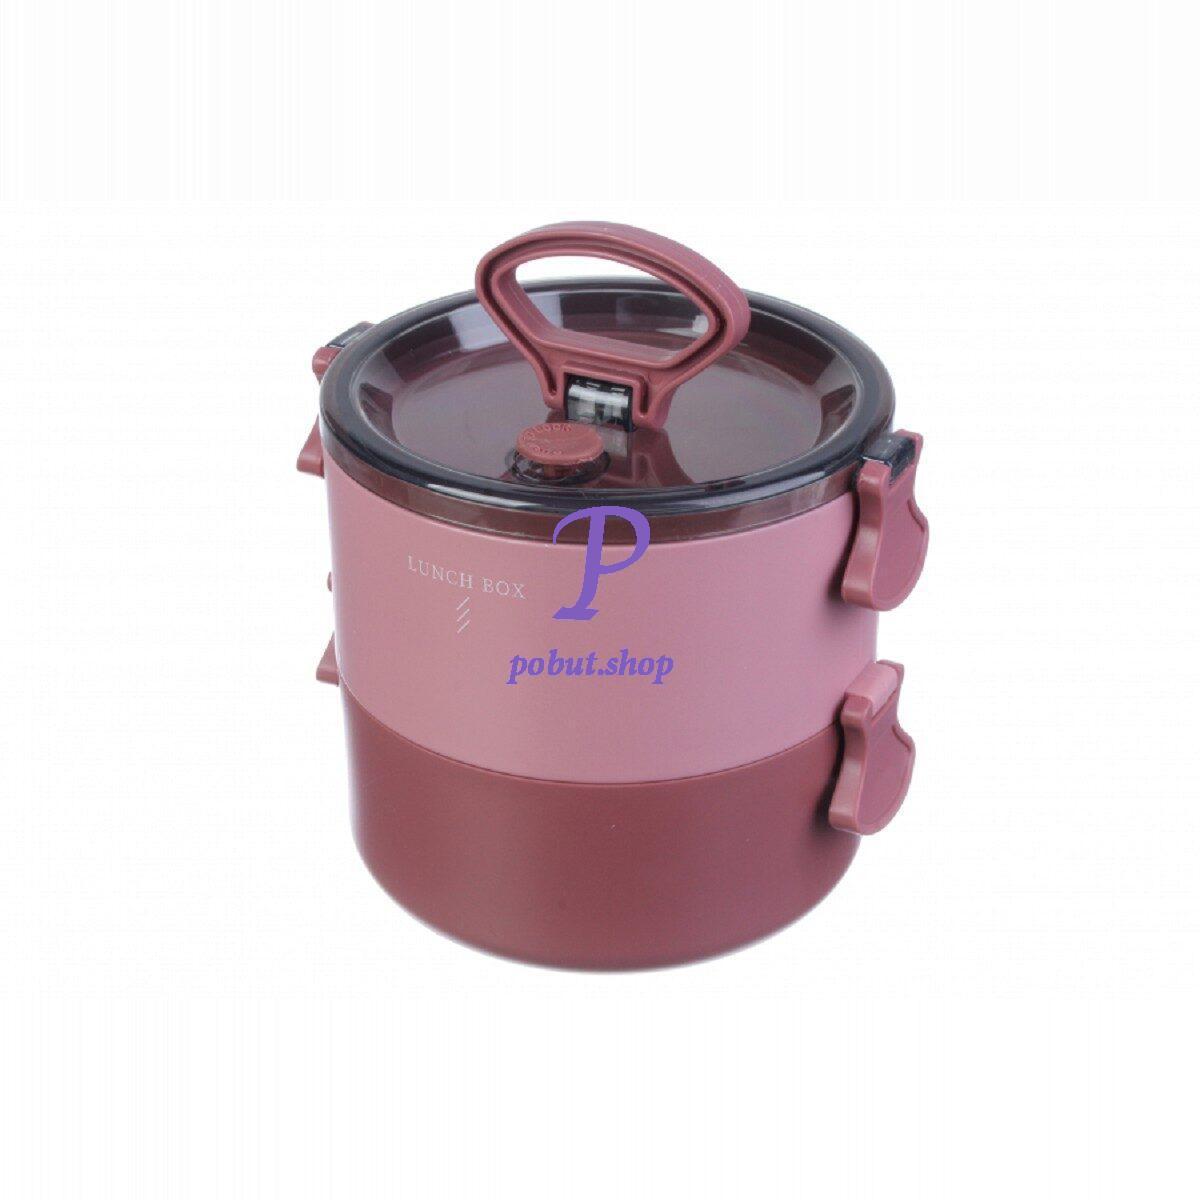 Круглий ланч-бокс 2-х рівневий 1400мл, рожевий